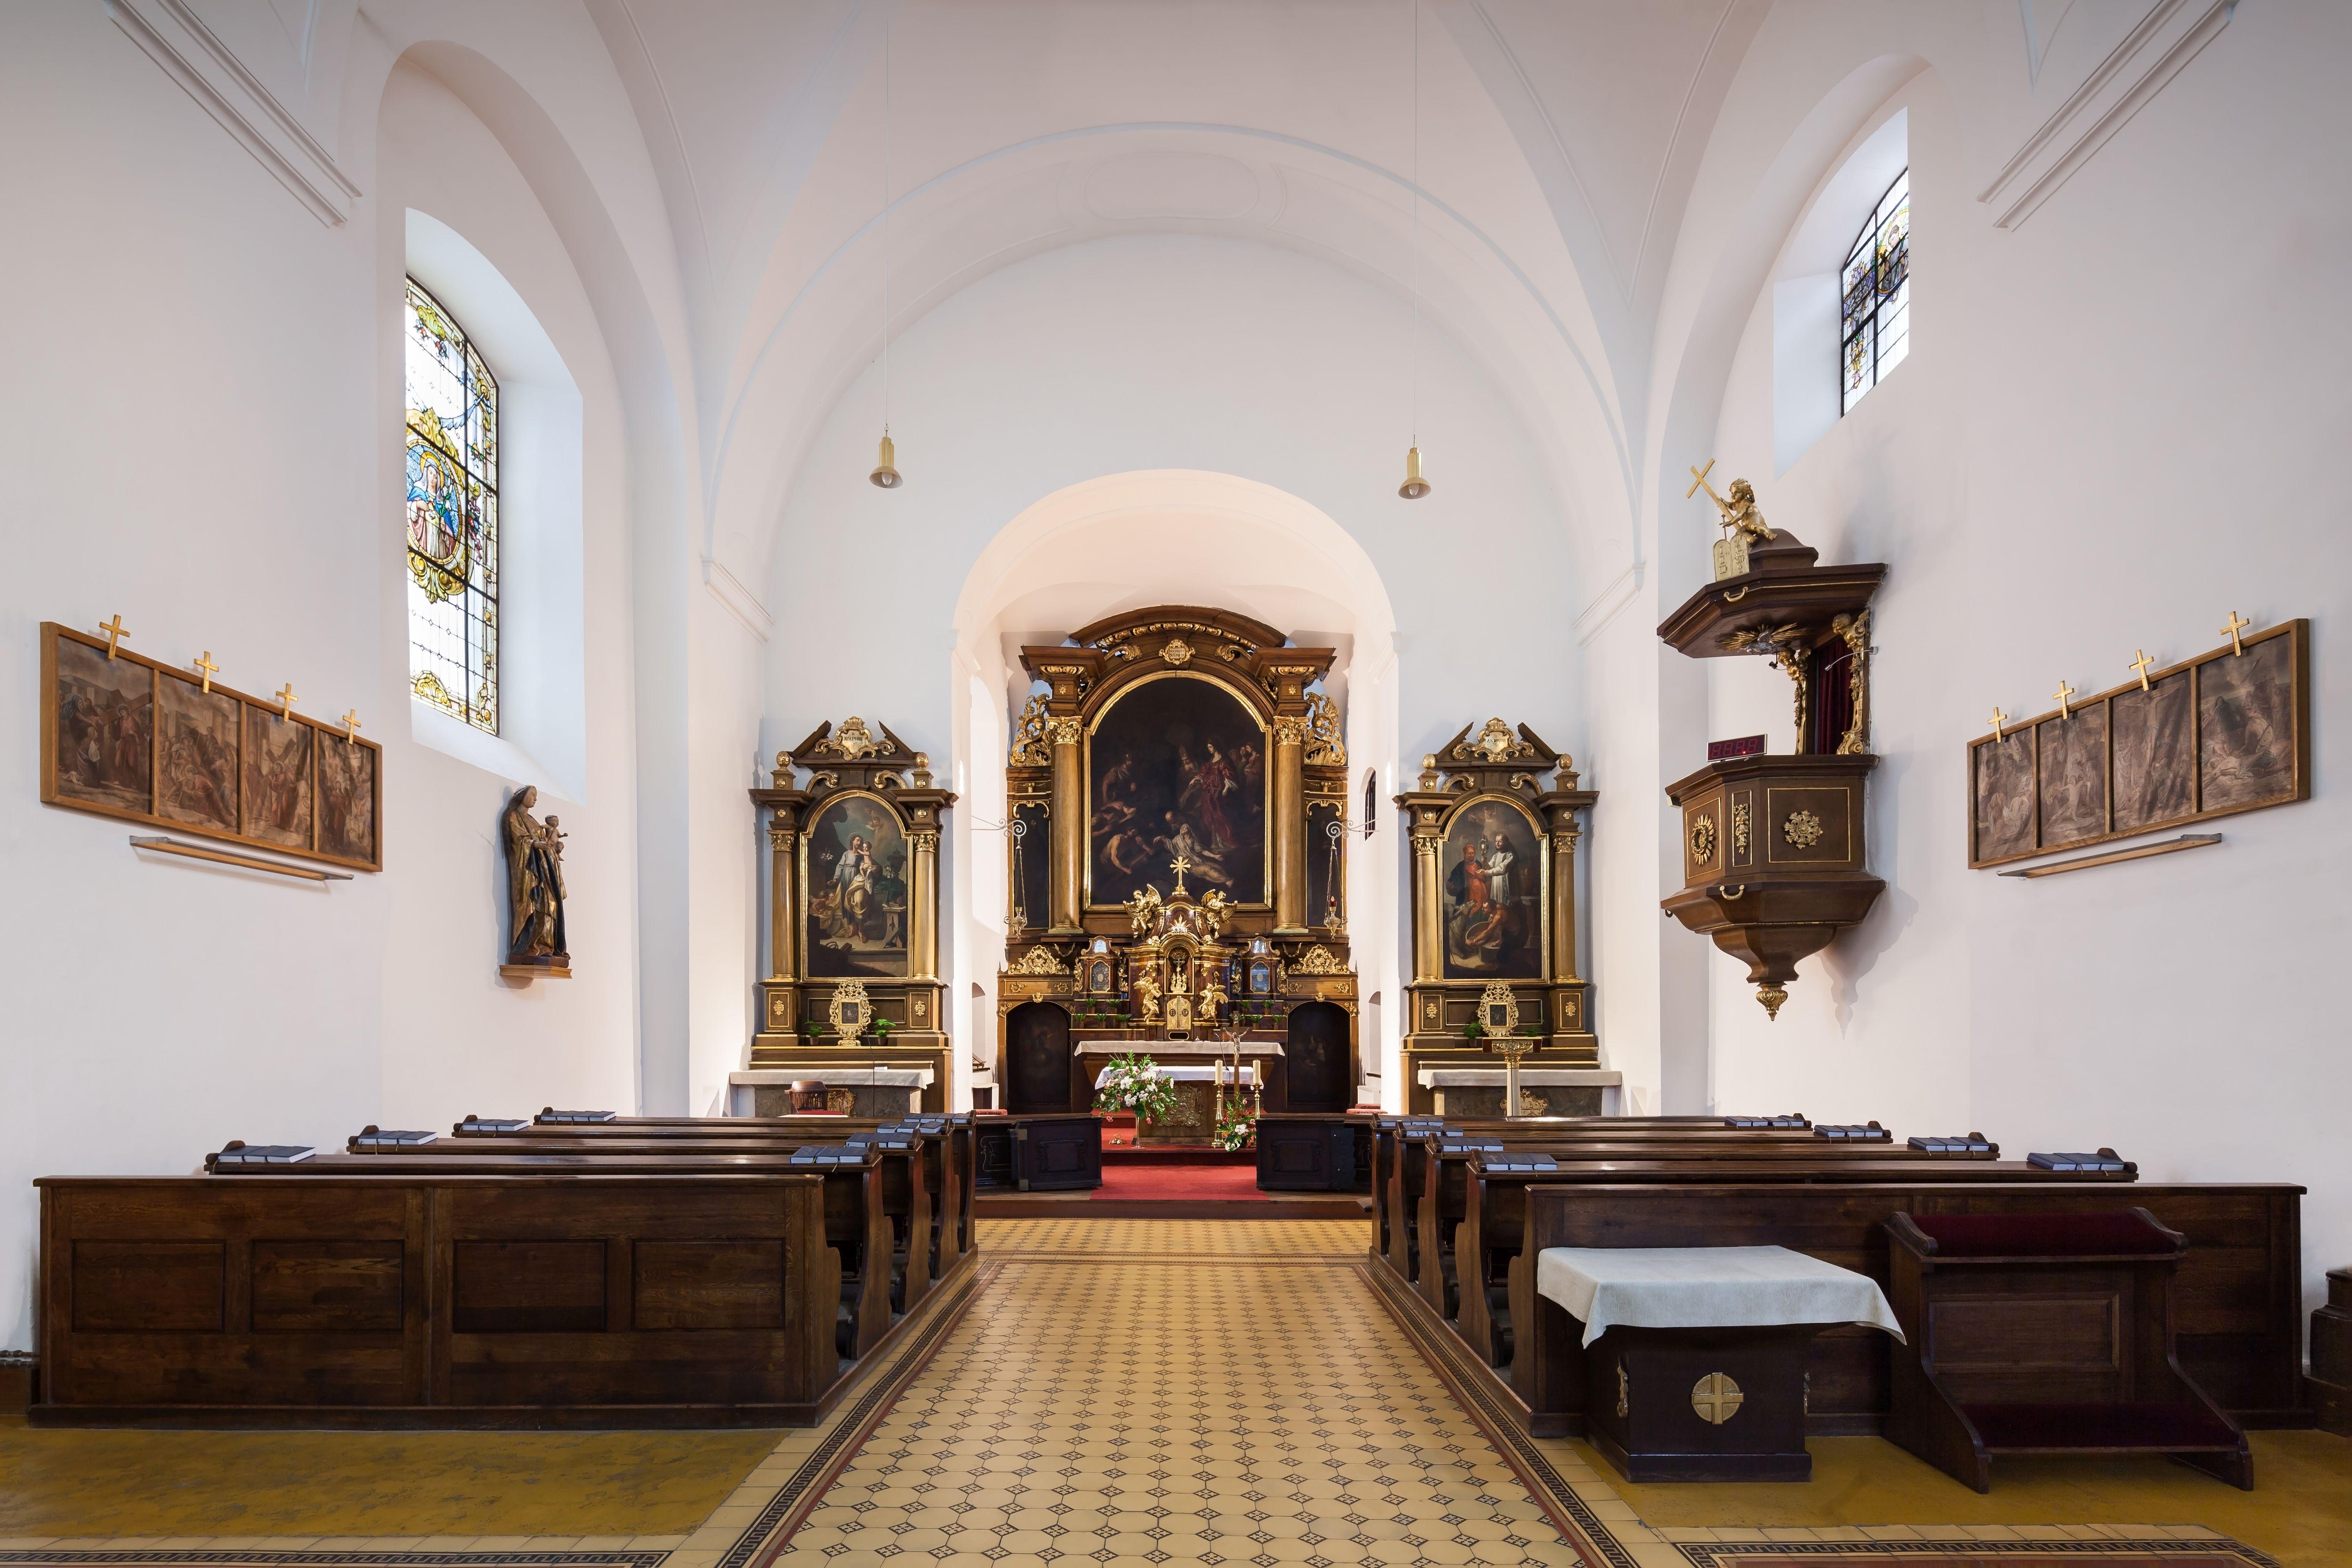 Kostel Nalezení sv. Kříže a kapucínský klášter v Brně